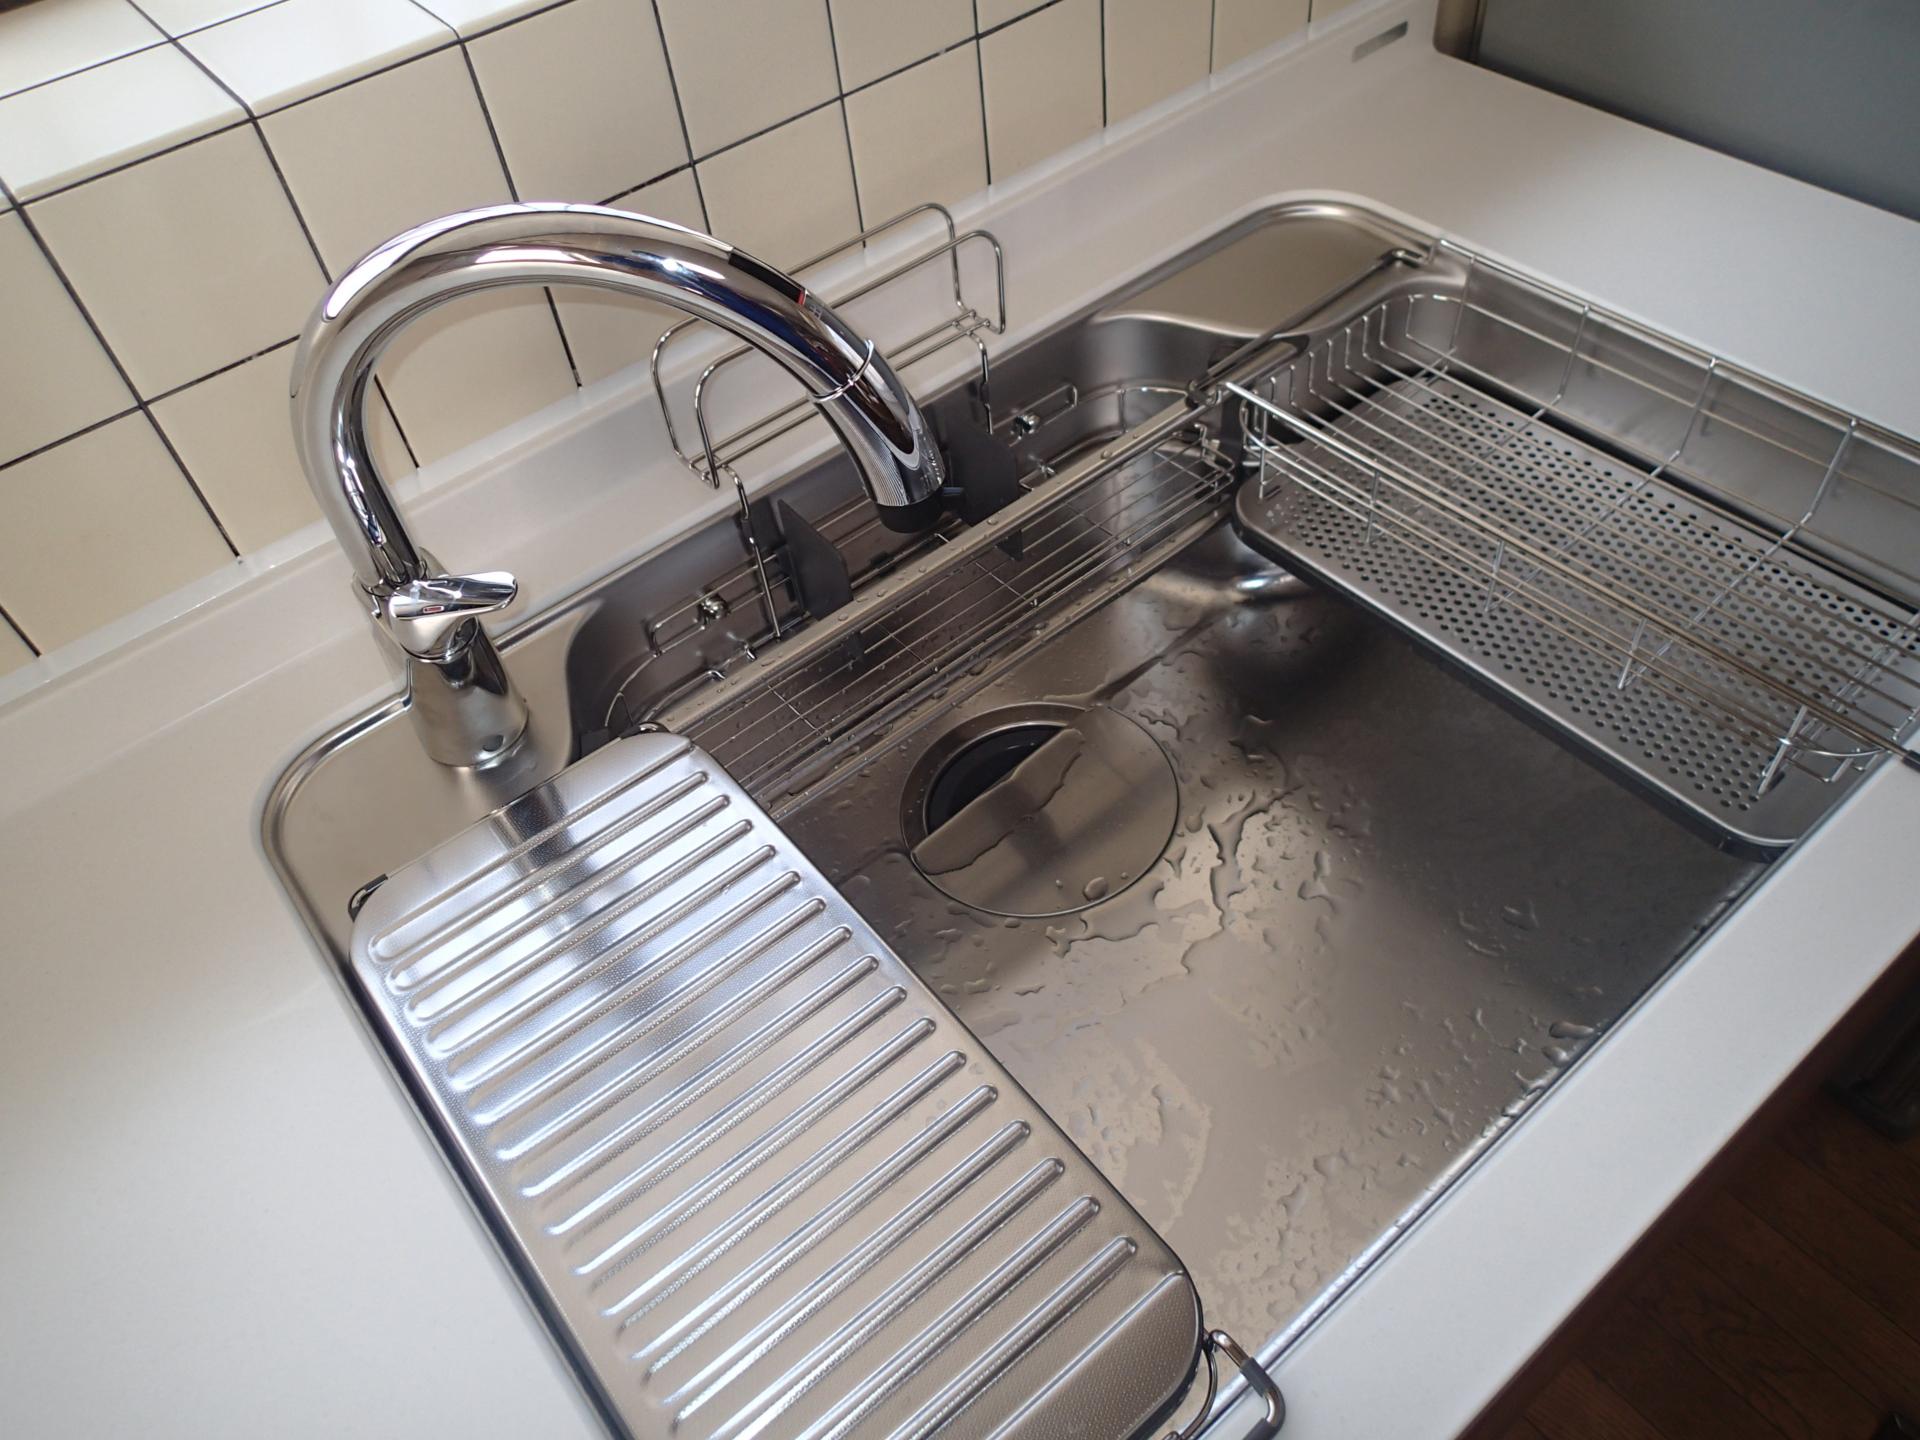 Wサポートシンクは立体的にシンクを利用できて調理も後片つけも効率アップ。ハンズフリー水栓は手をかざすだけで吐水、止水ができるスグレモノ。